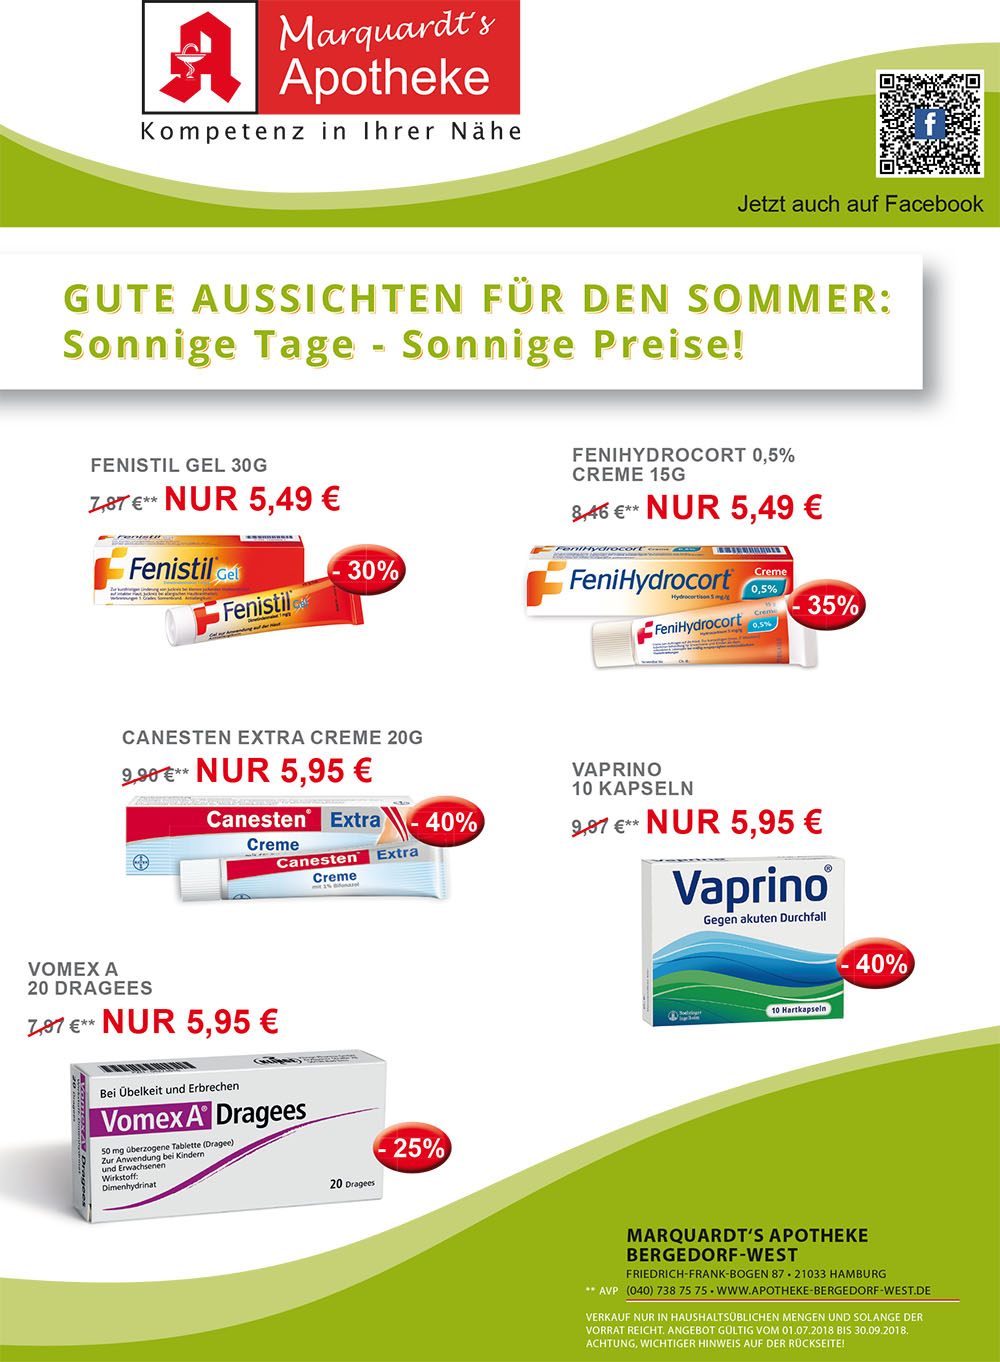 https://www.apotheken.de/fileadmin/clubarea/00000-Angebote/21033_bergedorf_west_angebot_1.jpg